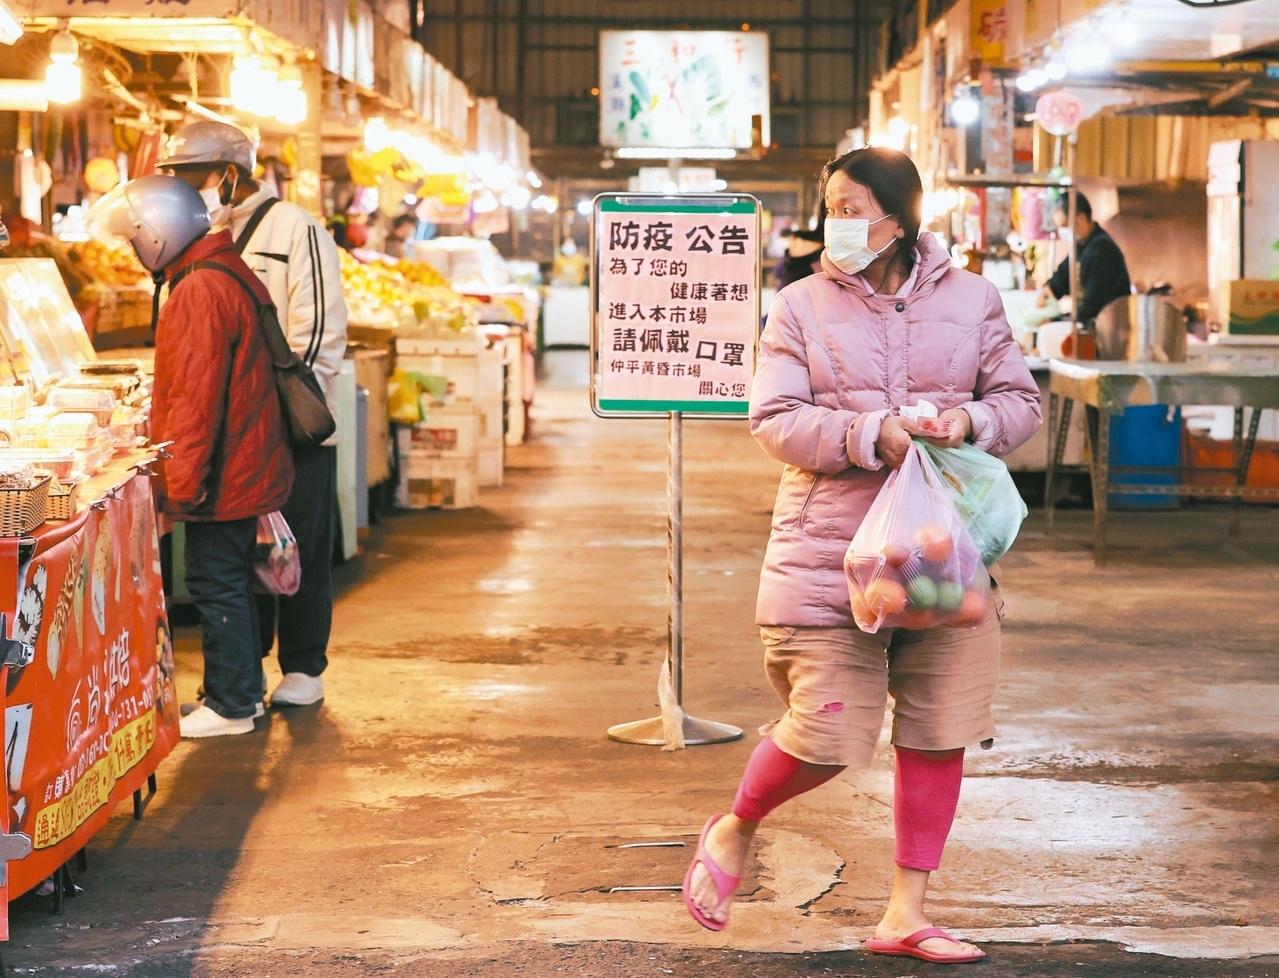 桃園仲平黃昏市場昨日經過消毒,但仍影響買氣,傍晚時客人稀少,民眾入內皆戴著口罩。記者曾原信/攝影